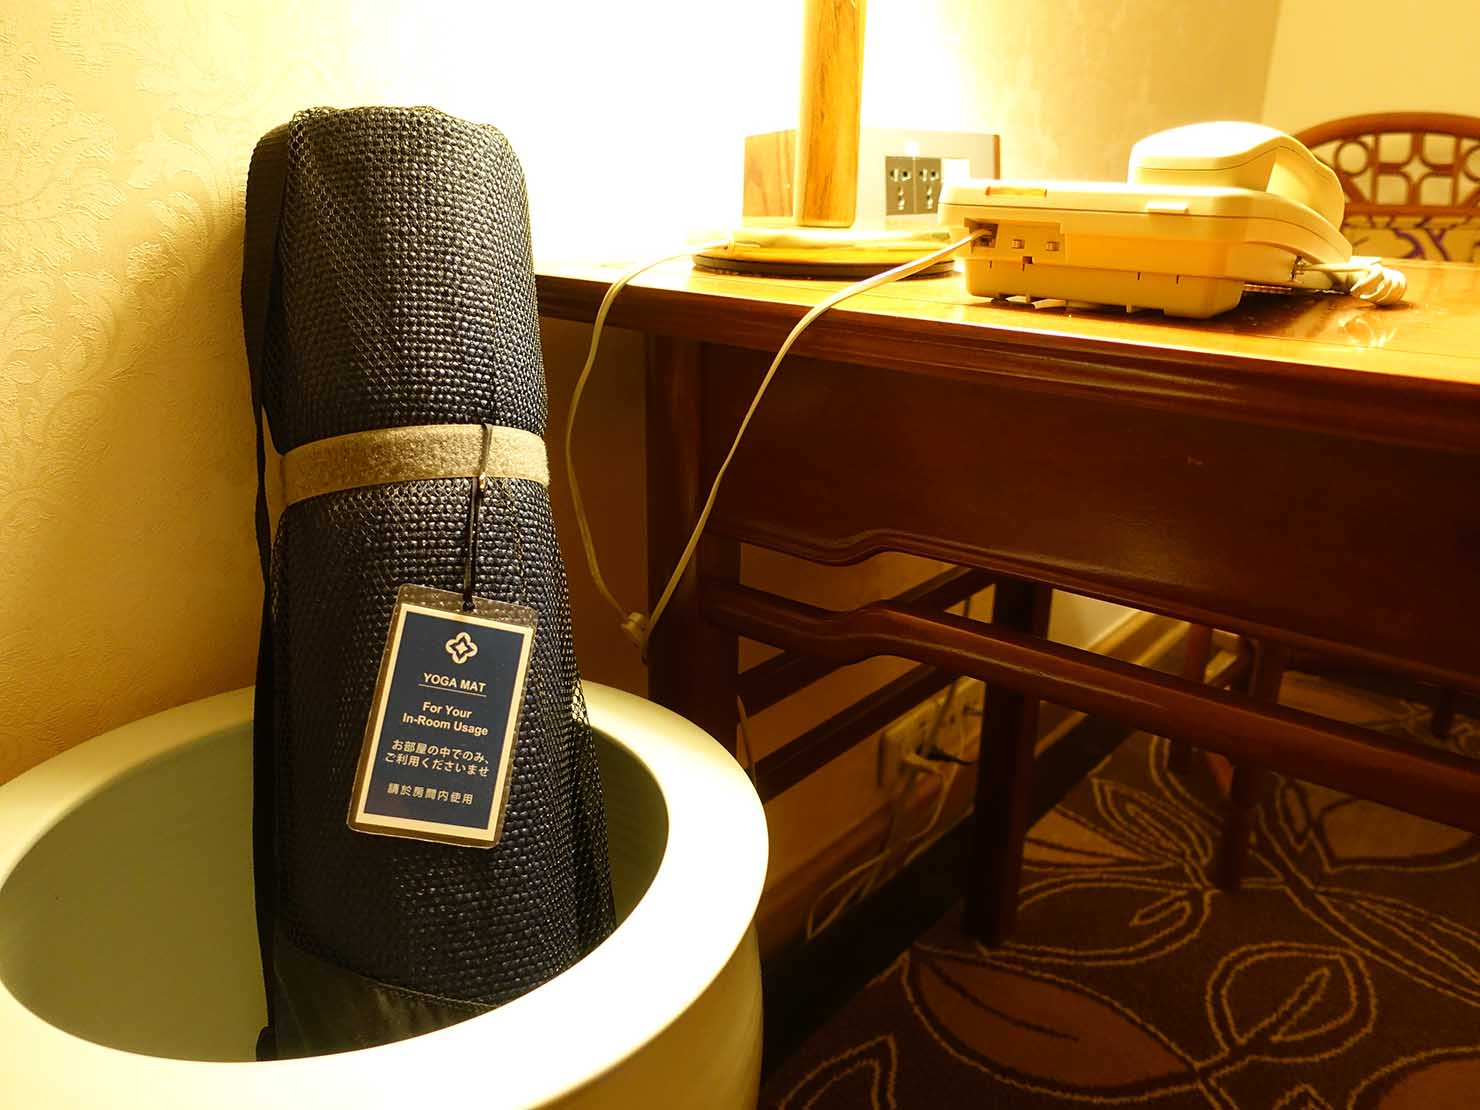 台北のおすすめ4つ星ホテル「歐華酒店(リビエラホテル)」エグゼクティブダブルルーム内のヨガマット